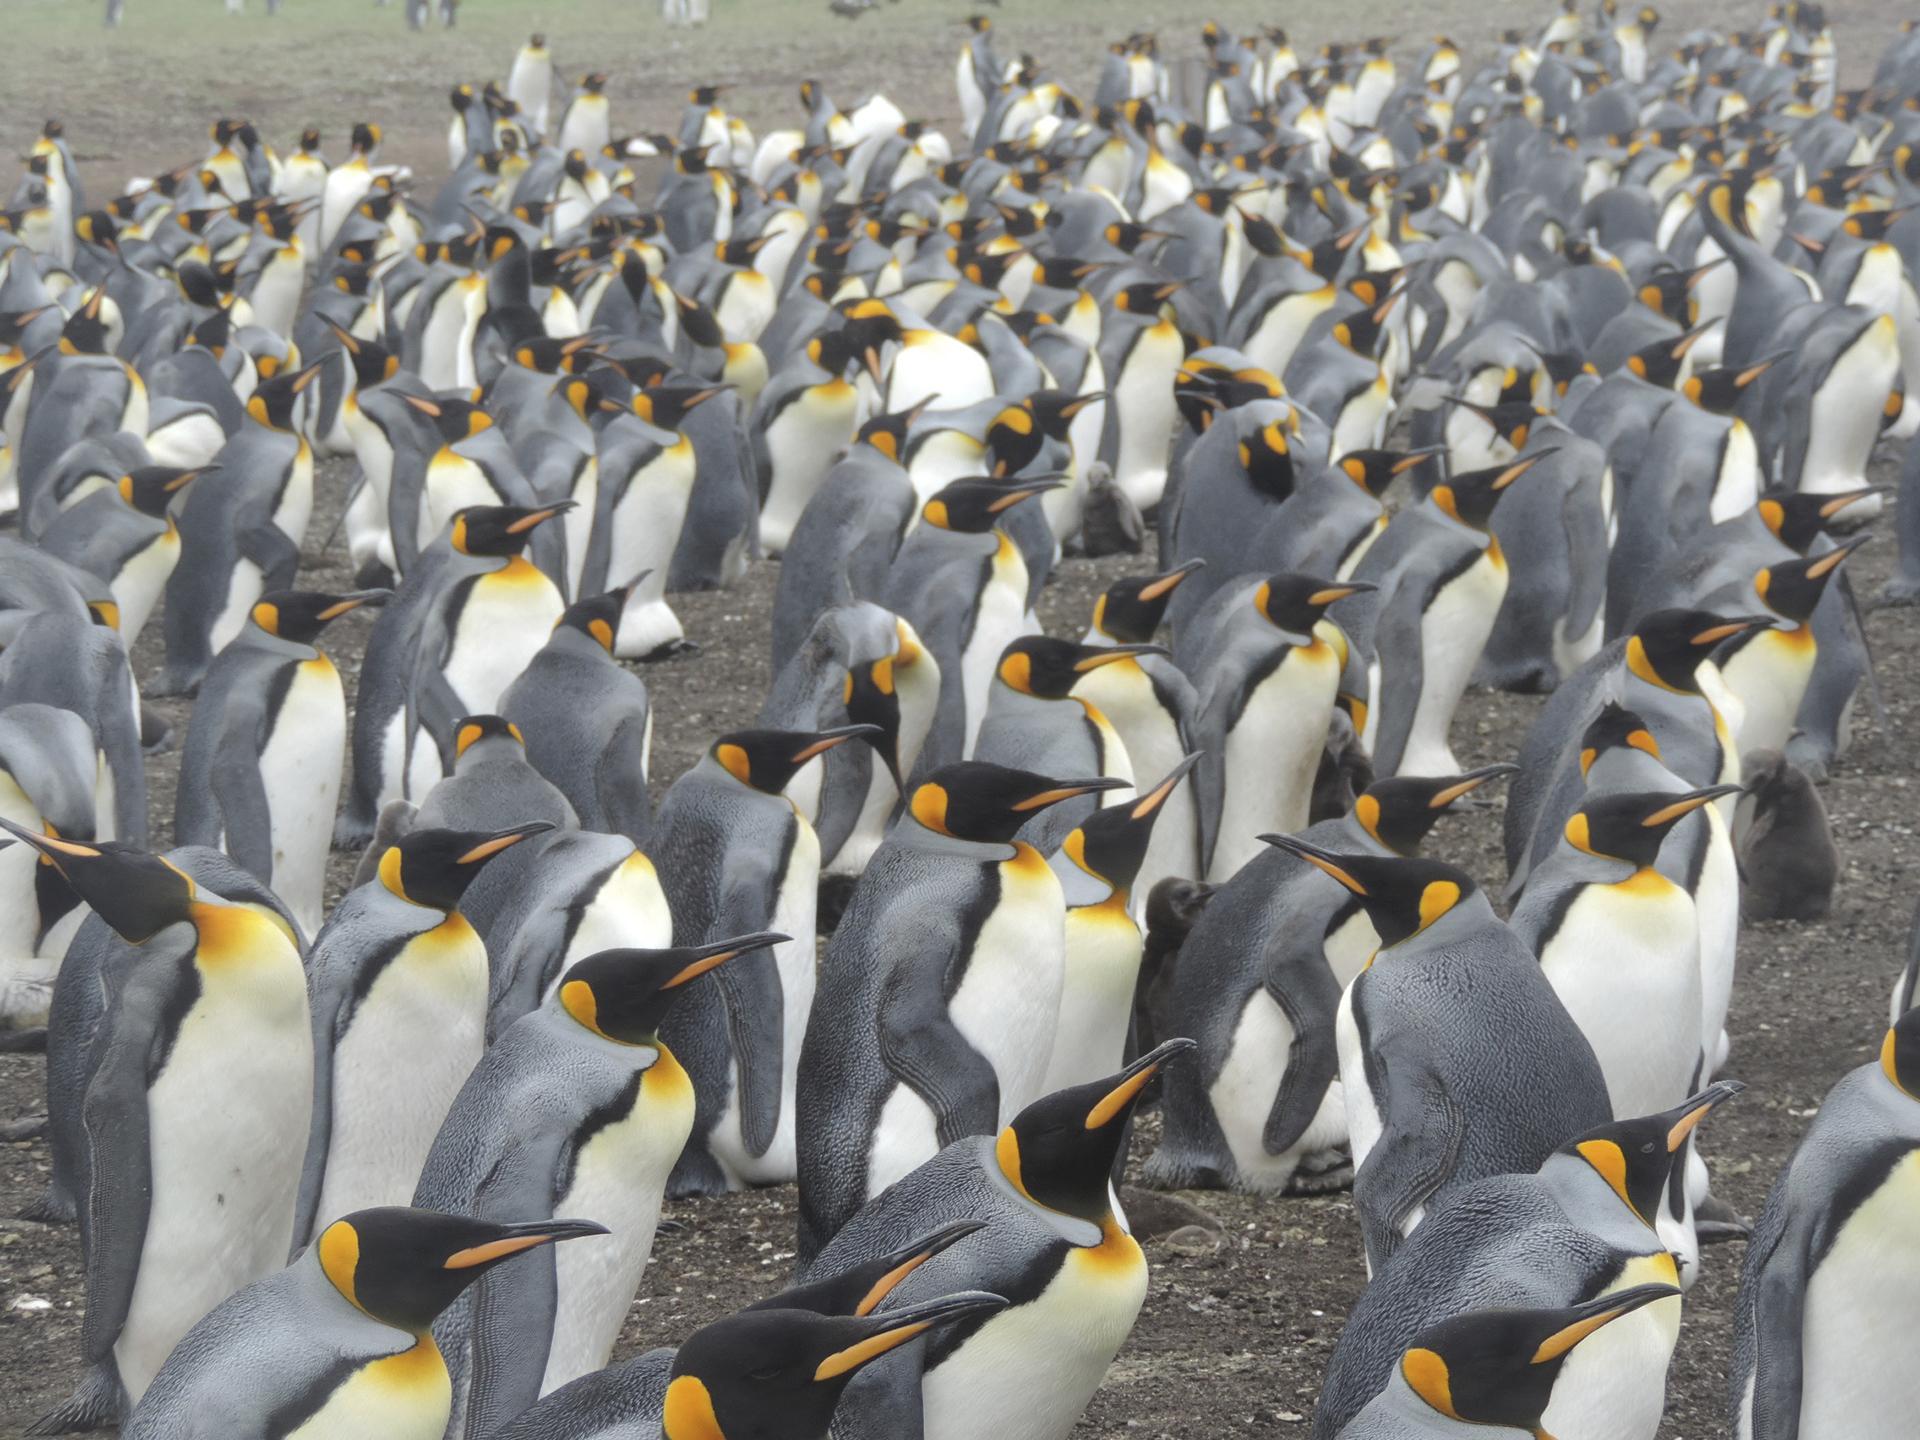 Las pingüineras son una excursión ineludible, con una amplitud y profusión de especies, además de un acercamiento único